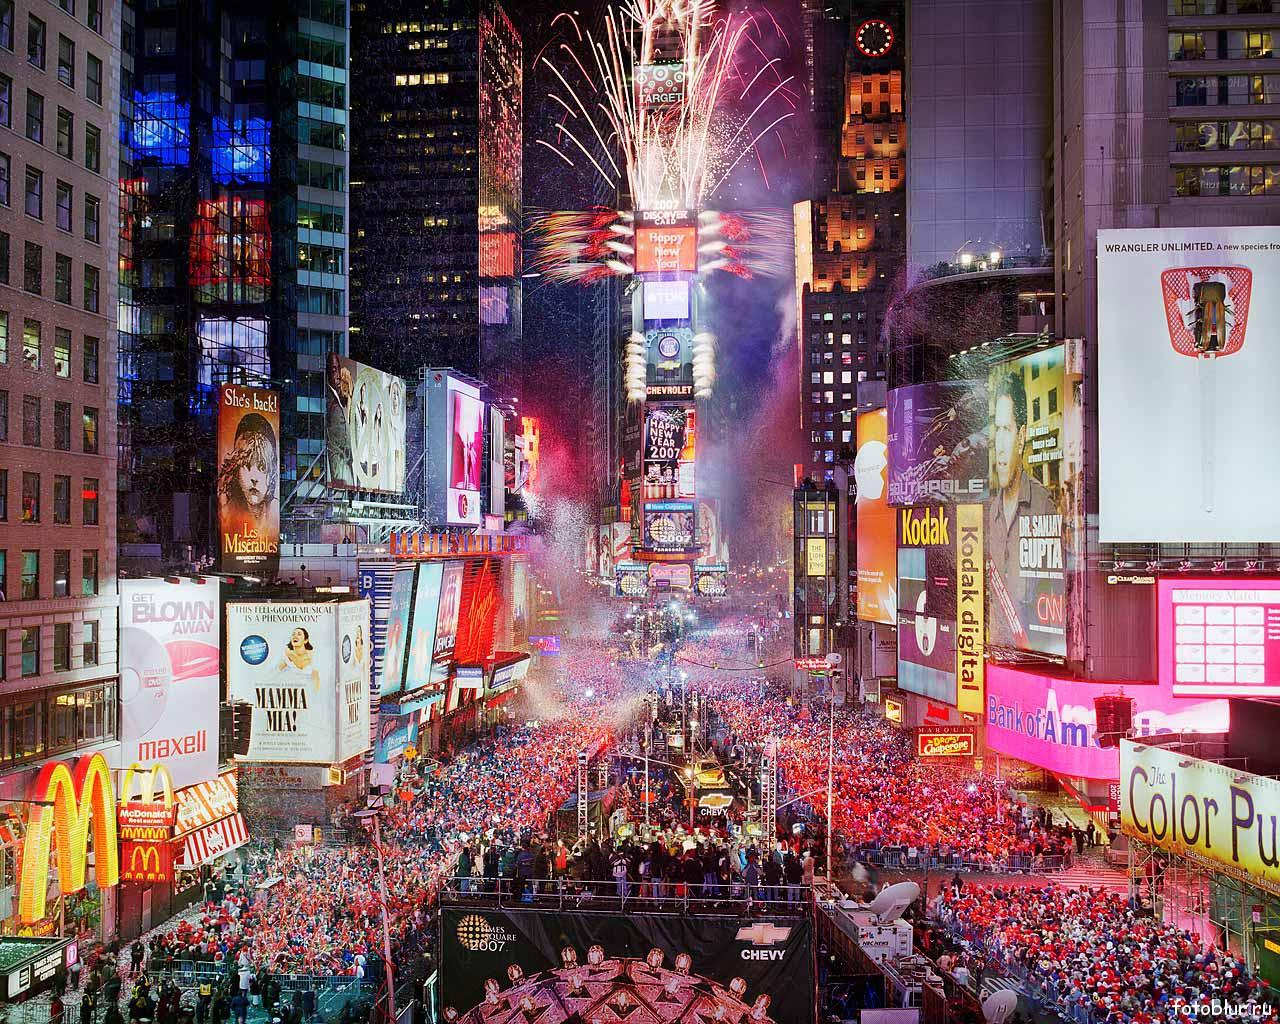 Самые лучшие поздравления на Новый год | 1024x1280